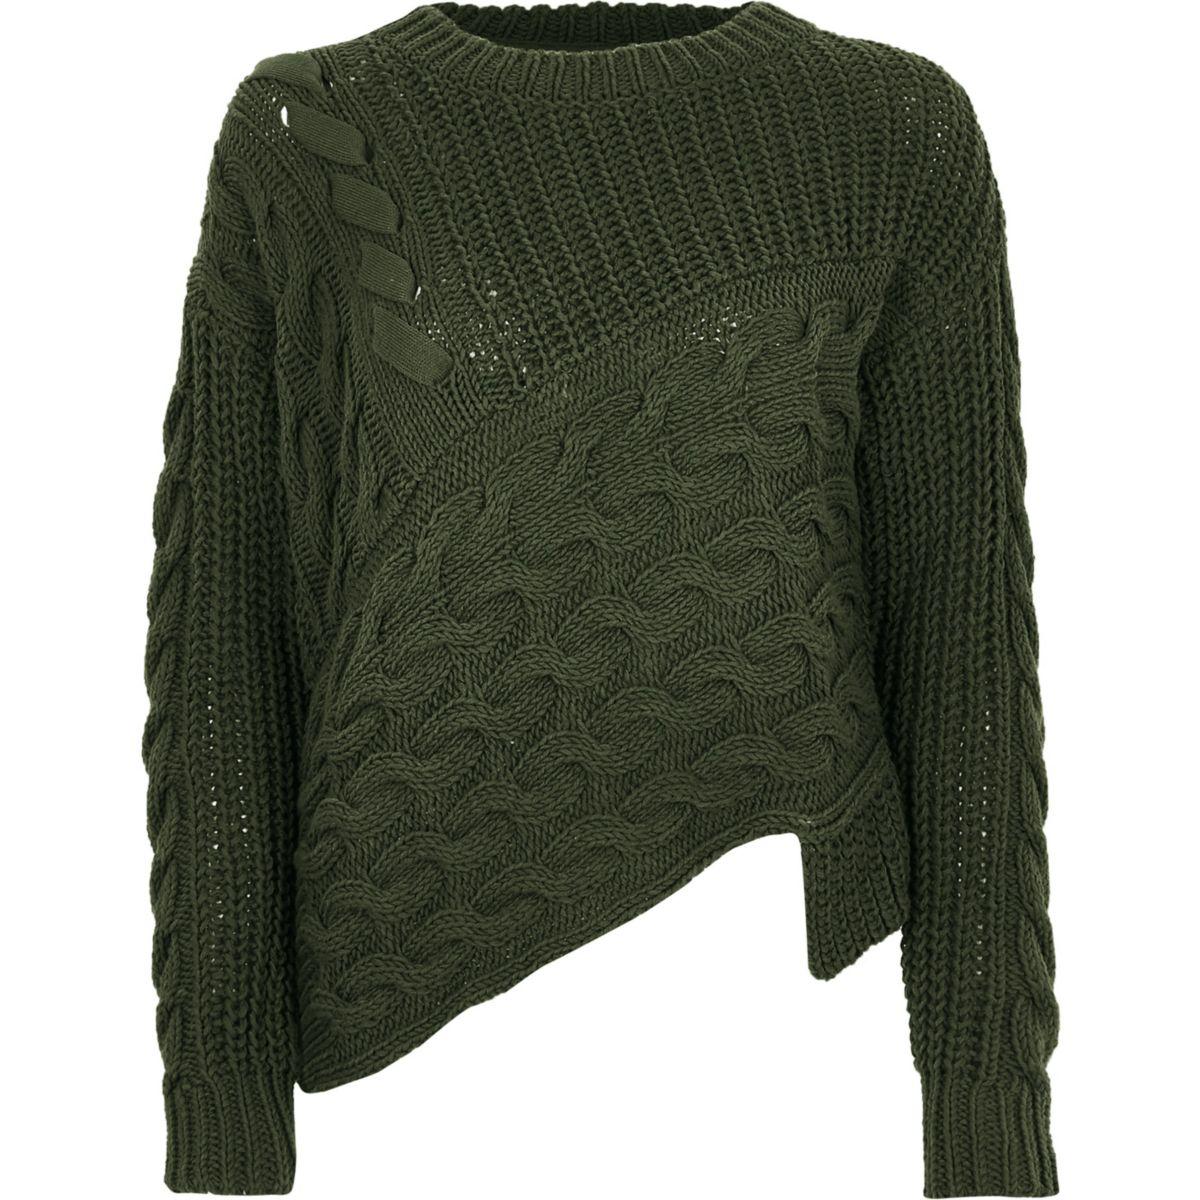 Khaki green cable knit asymmetric sweater